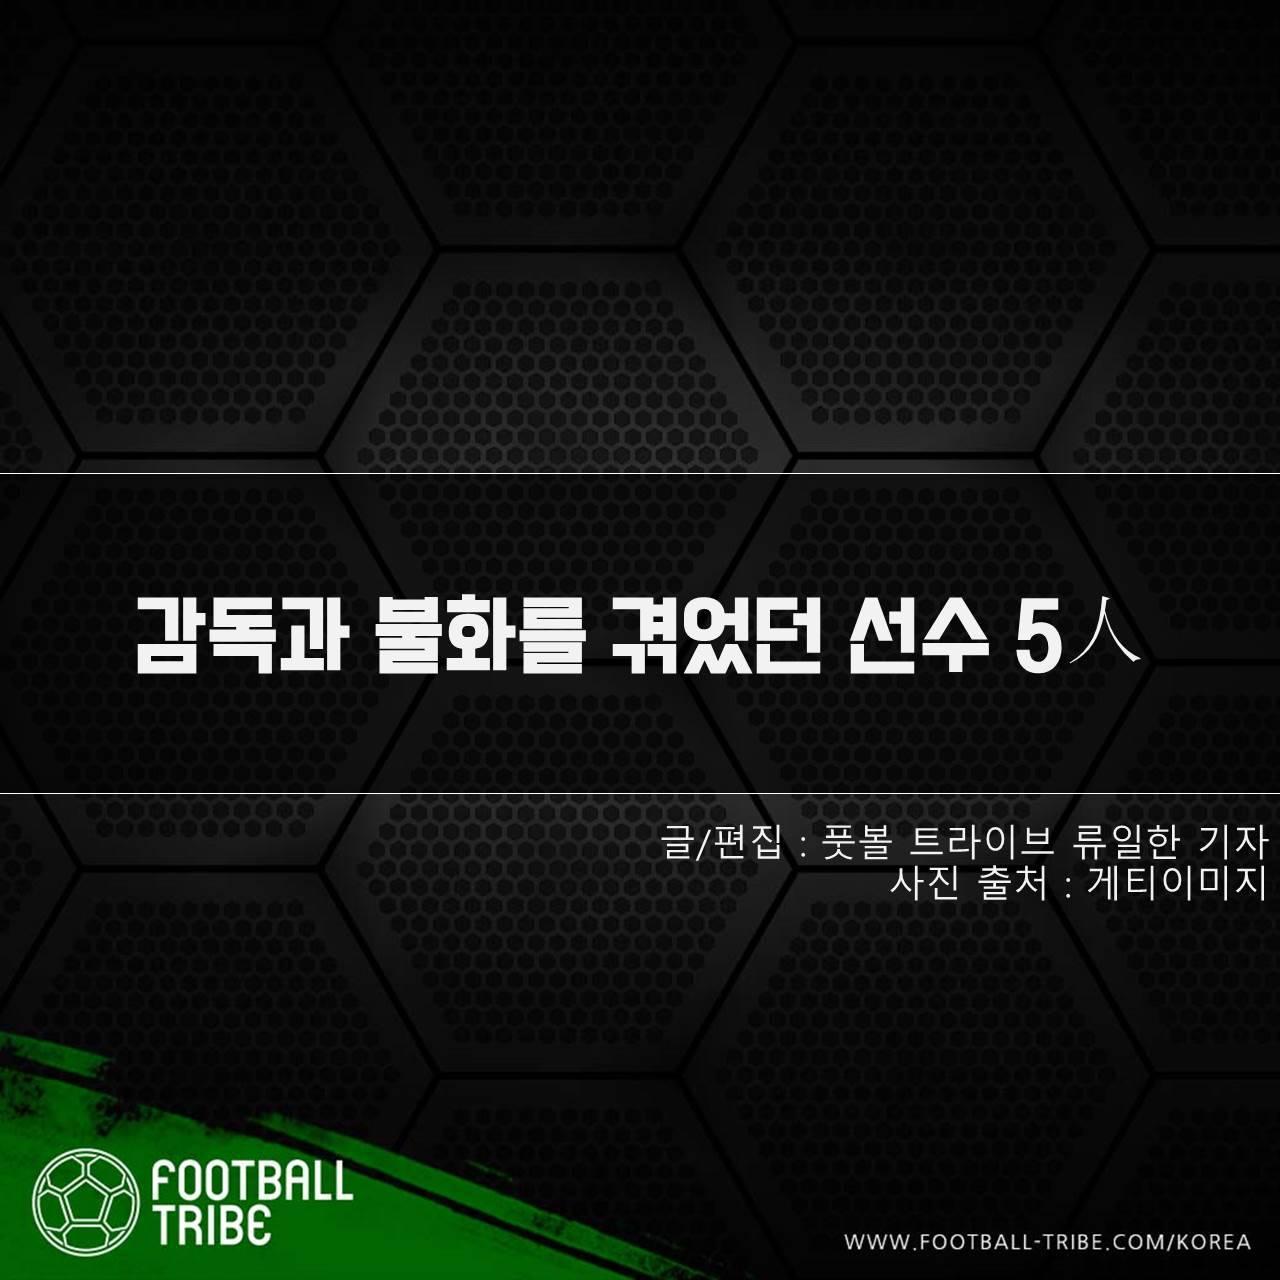 [카드 뉴스] 감독과 불화를 겪었던 선수 5人